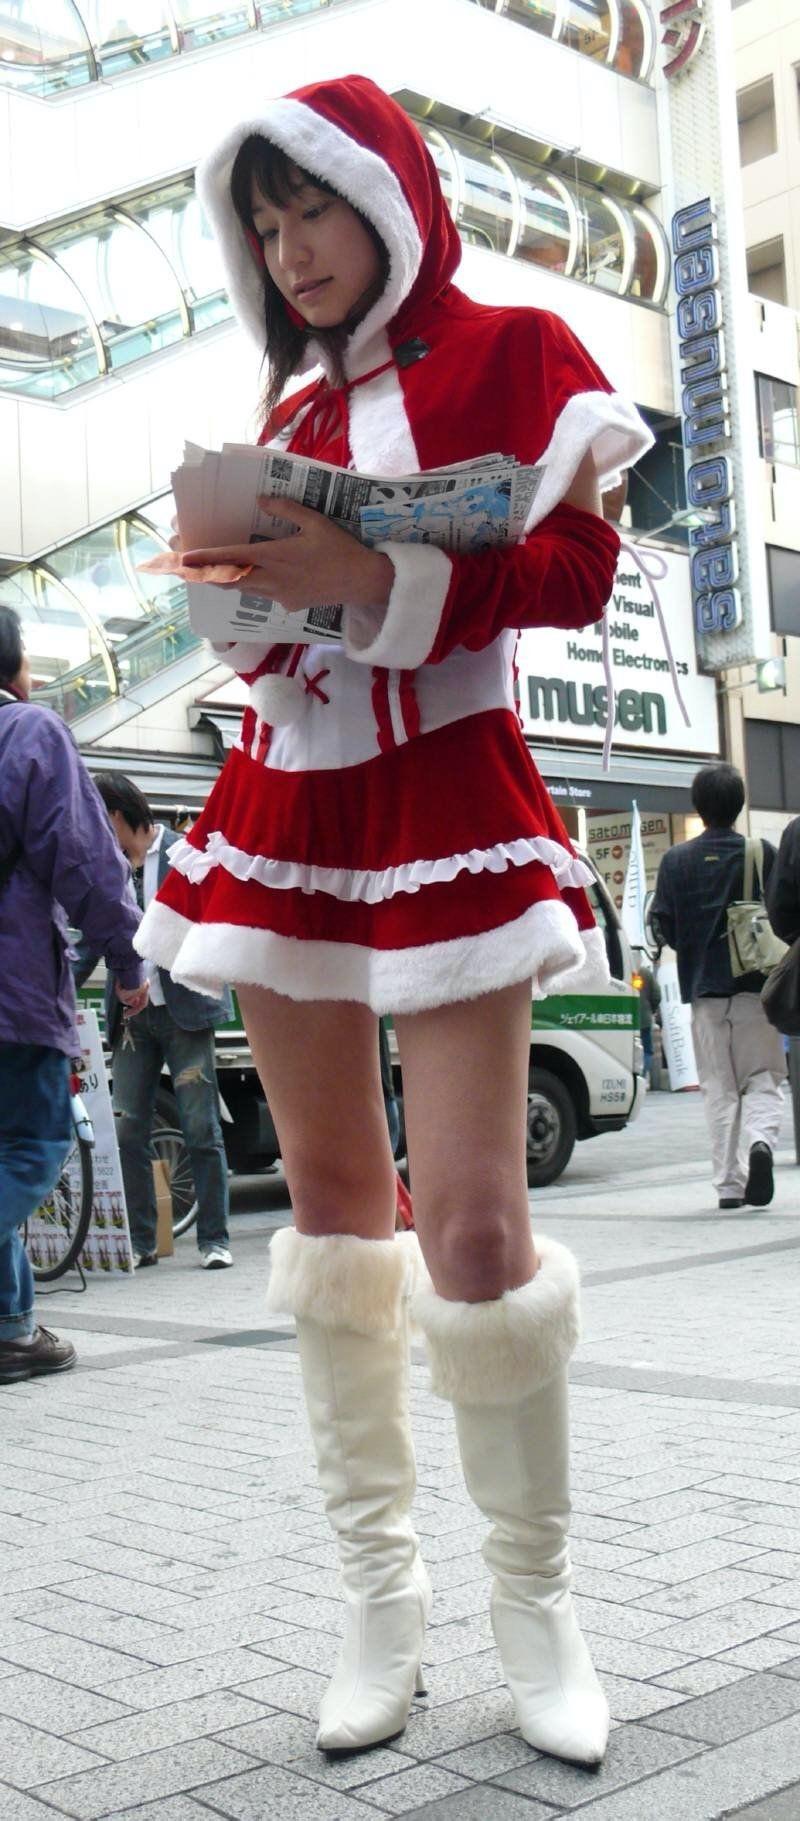 【サンタガール画像】クリスマスにセックスをプレゼントしてくれそうなエロギャルを集めてみたwwww 57